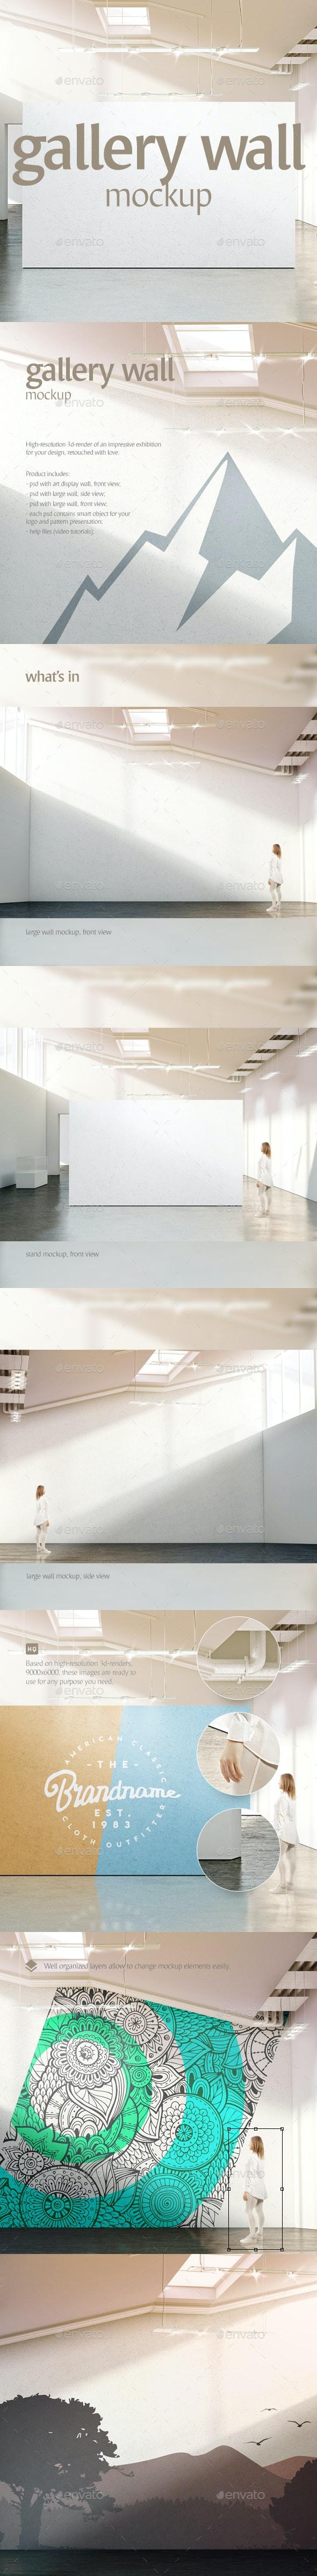 Gallery Wall Mockup - Objects 3D Renders